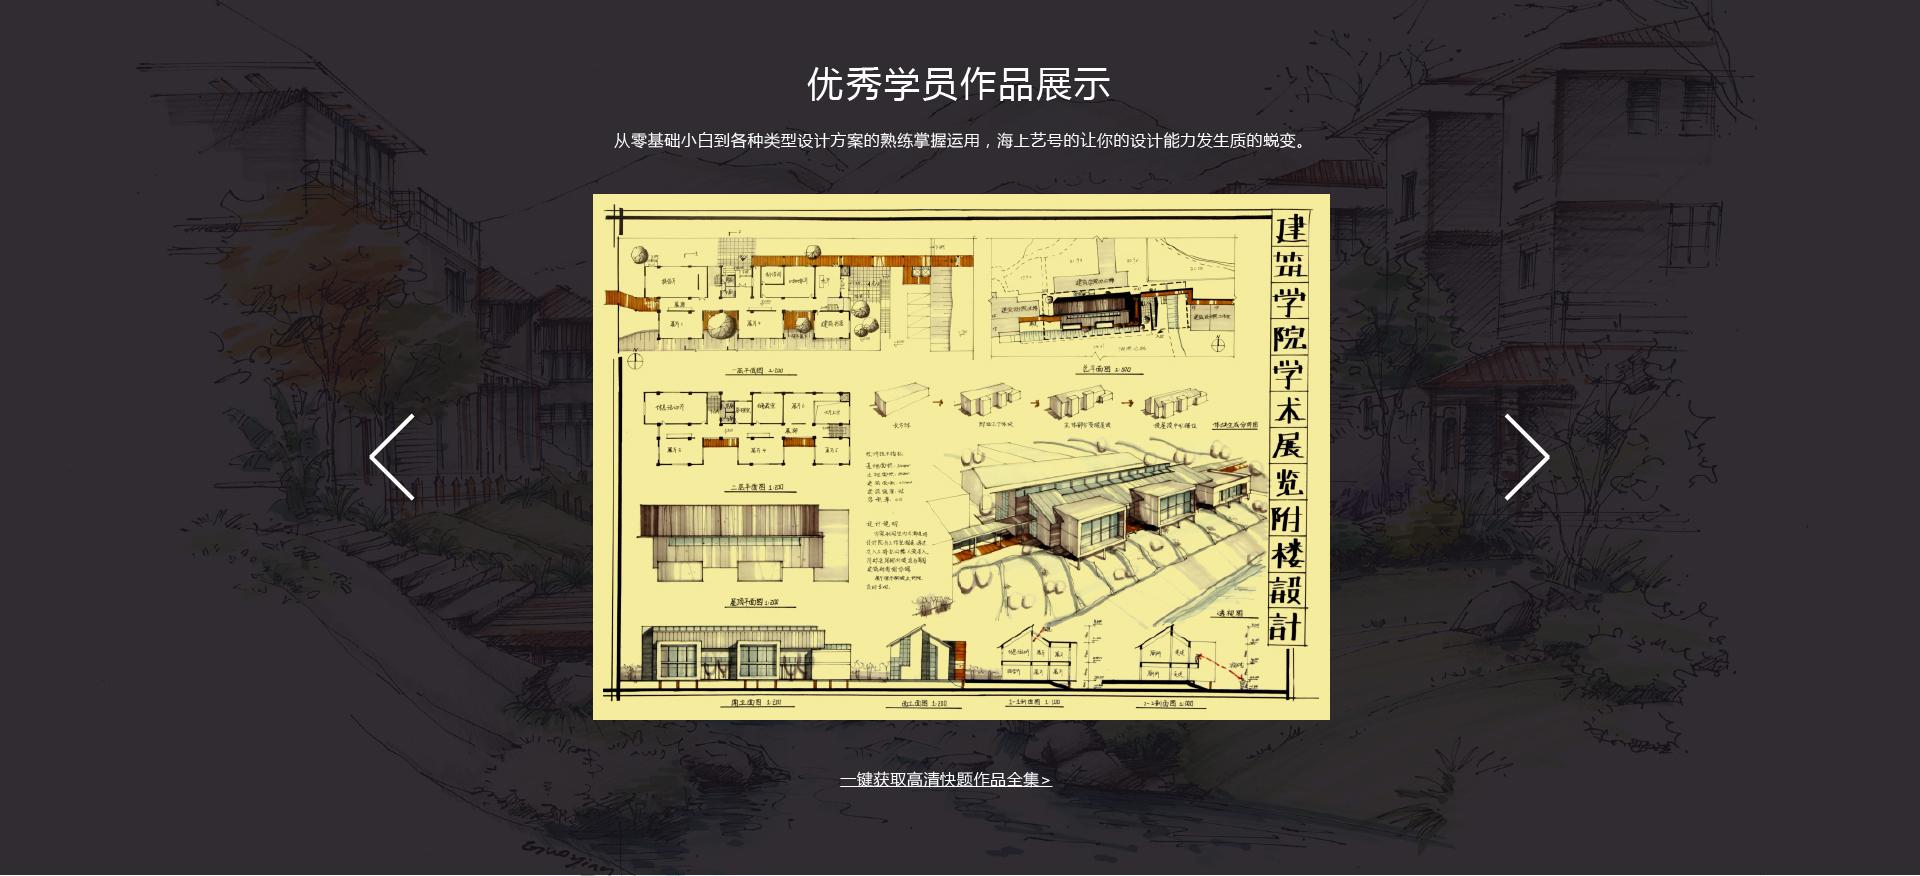 建筑快题_12.jpg